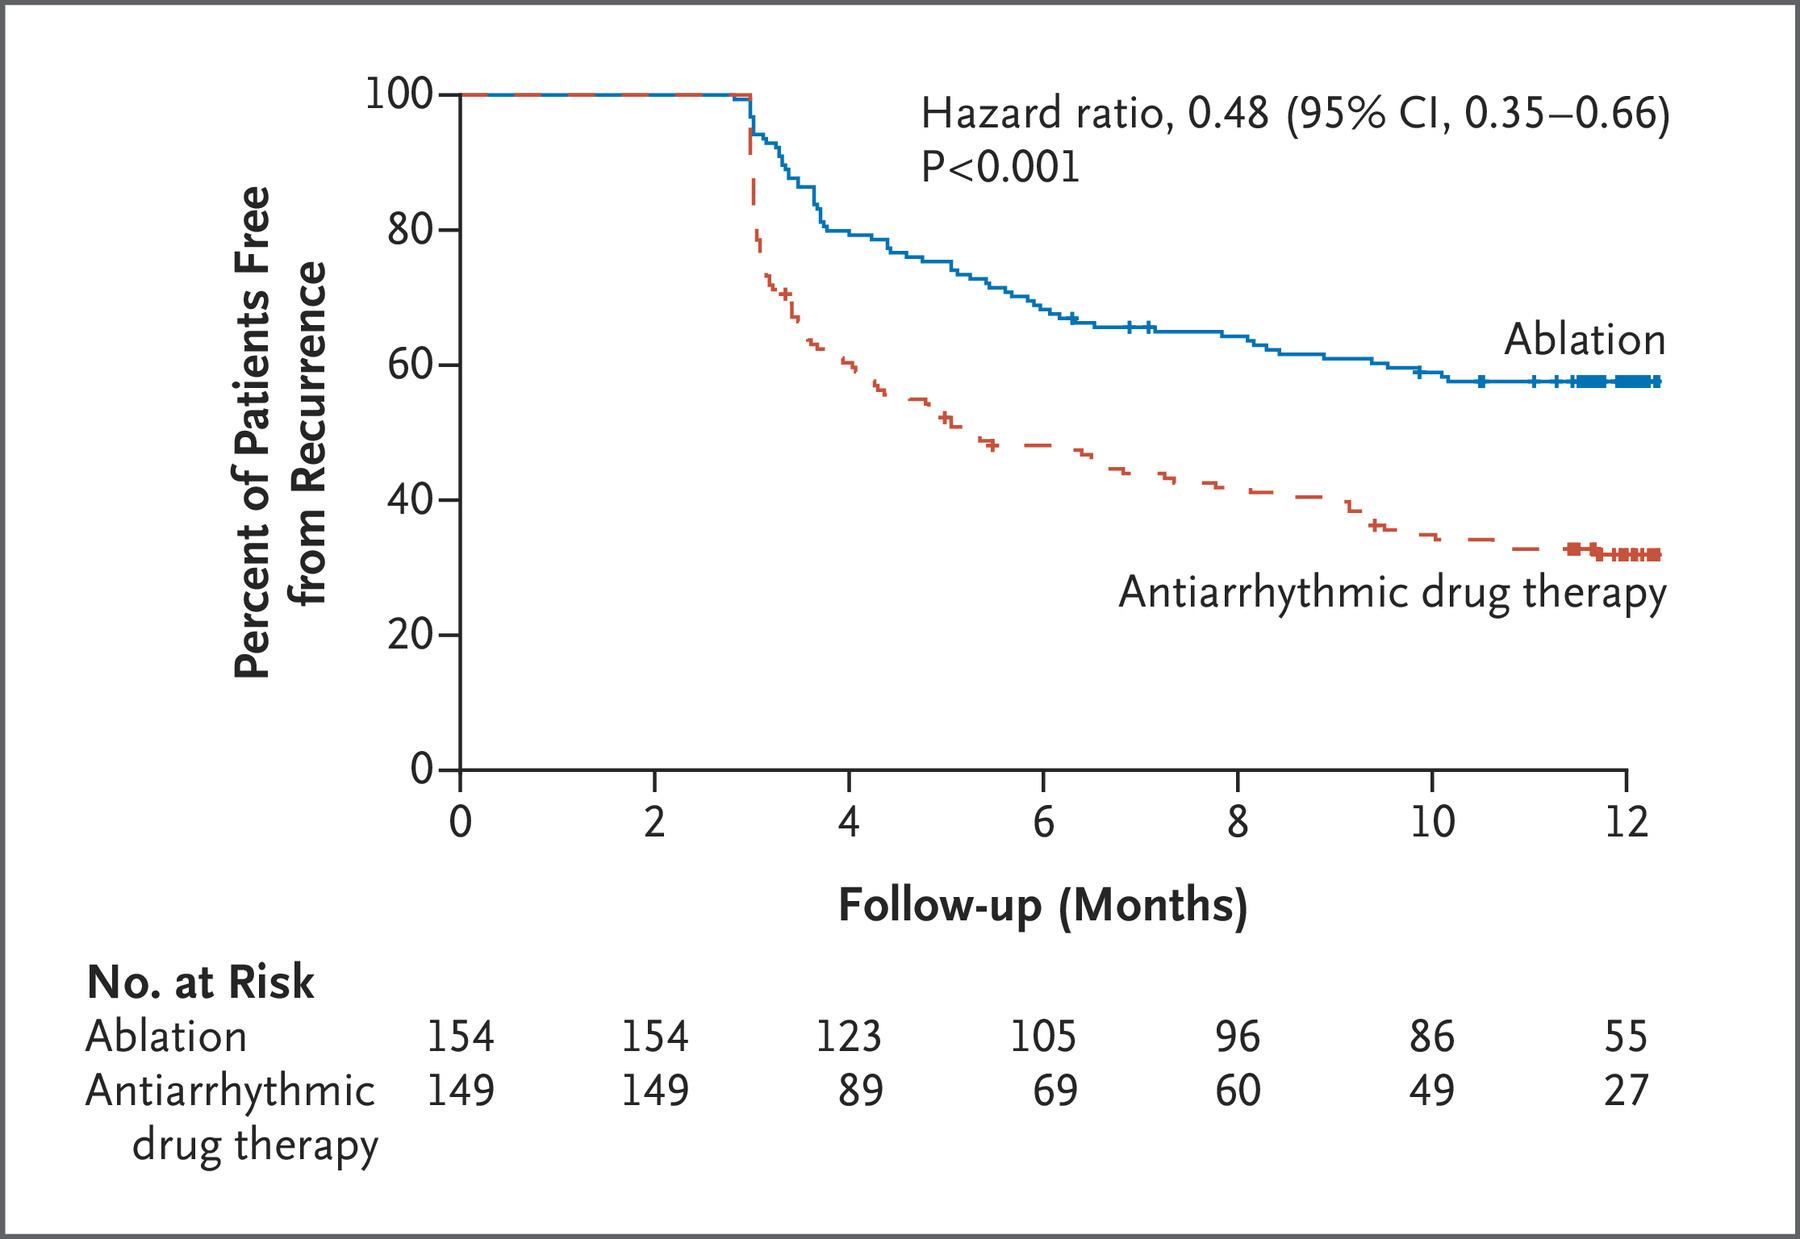 症候性発作性心房細動の第一選択治療としてのクライオバルーンアブレーションは,抗不整脈薬に比べて明らかに再発率が少ない:EARLY-AF試験_a0119856_07091445.jpeg